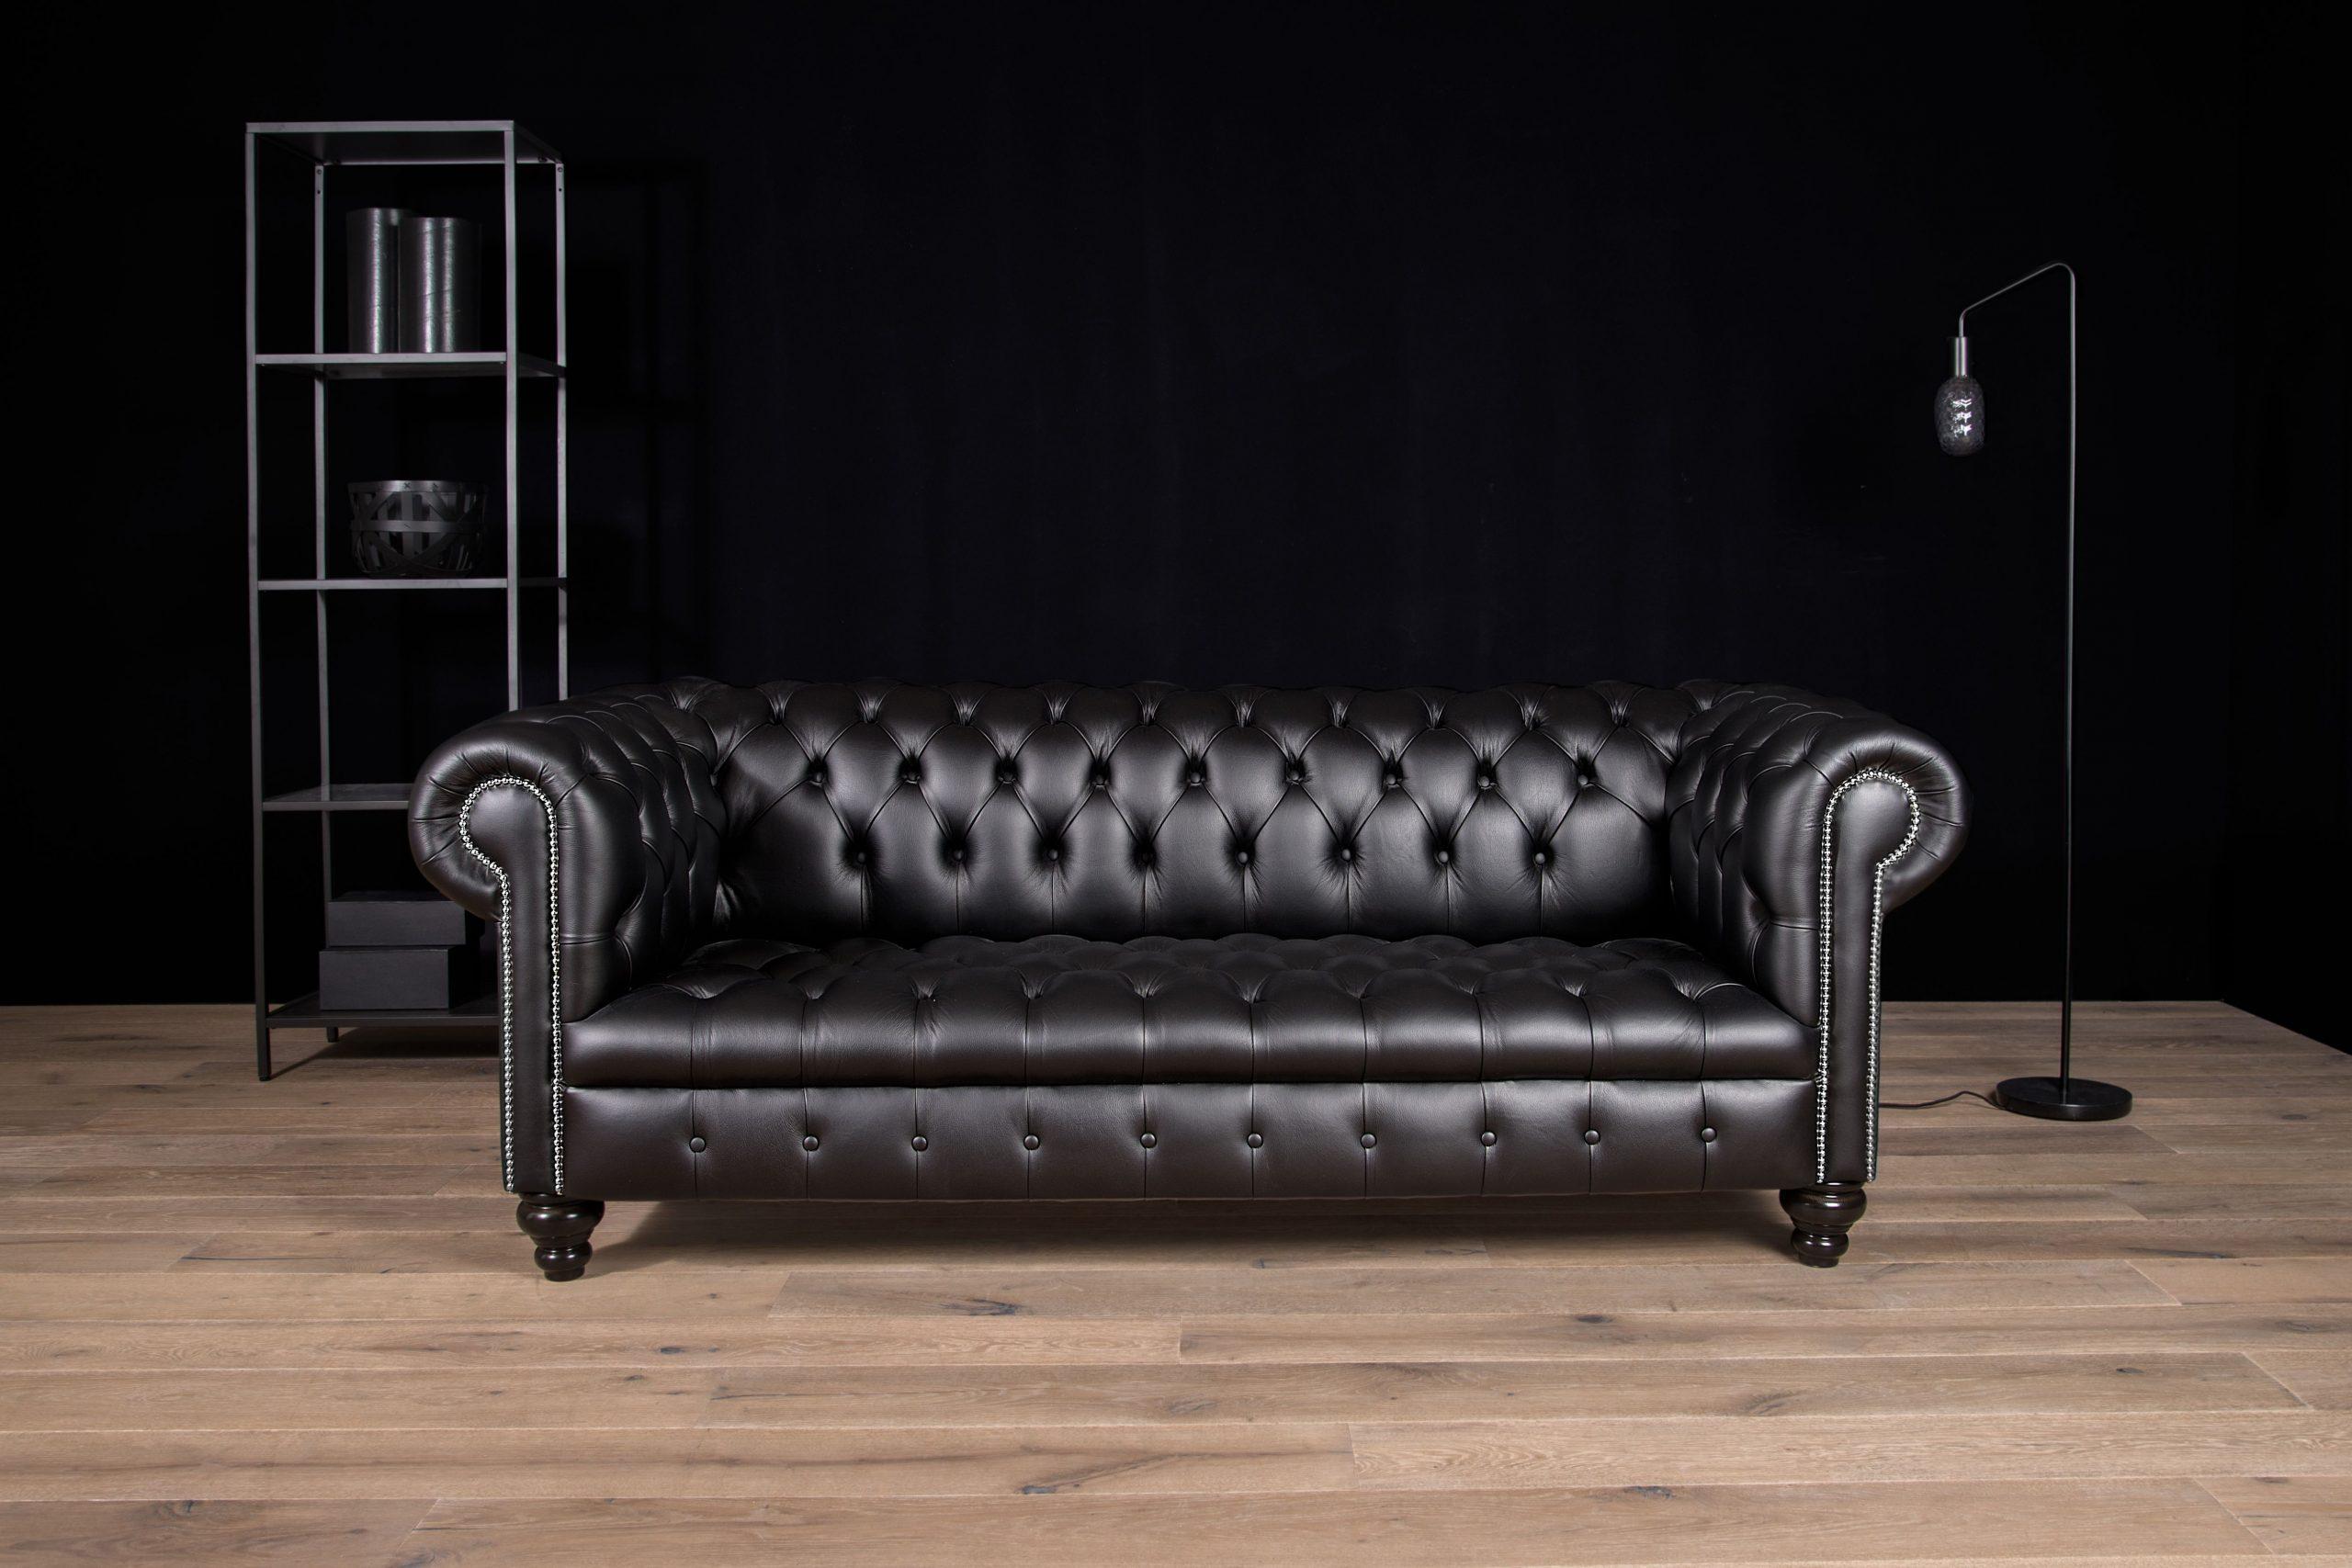 Full Size of Chesterfield Sofa All Black Interior Design Von Wilmowsky Leder U Form Mit Holzfüßen Erpo Schilling Chippendale Ausziehbar Zweisitzer Barock Petrol 3 Sitzer Sofa Chesterfield Sofa